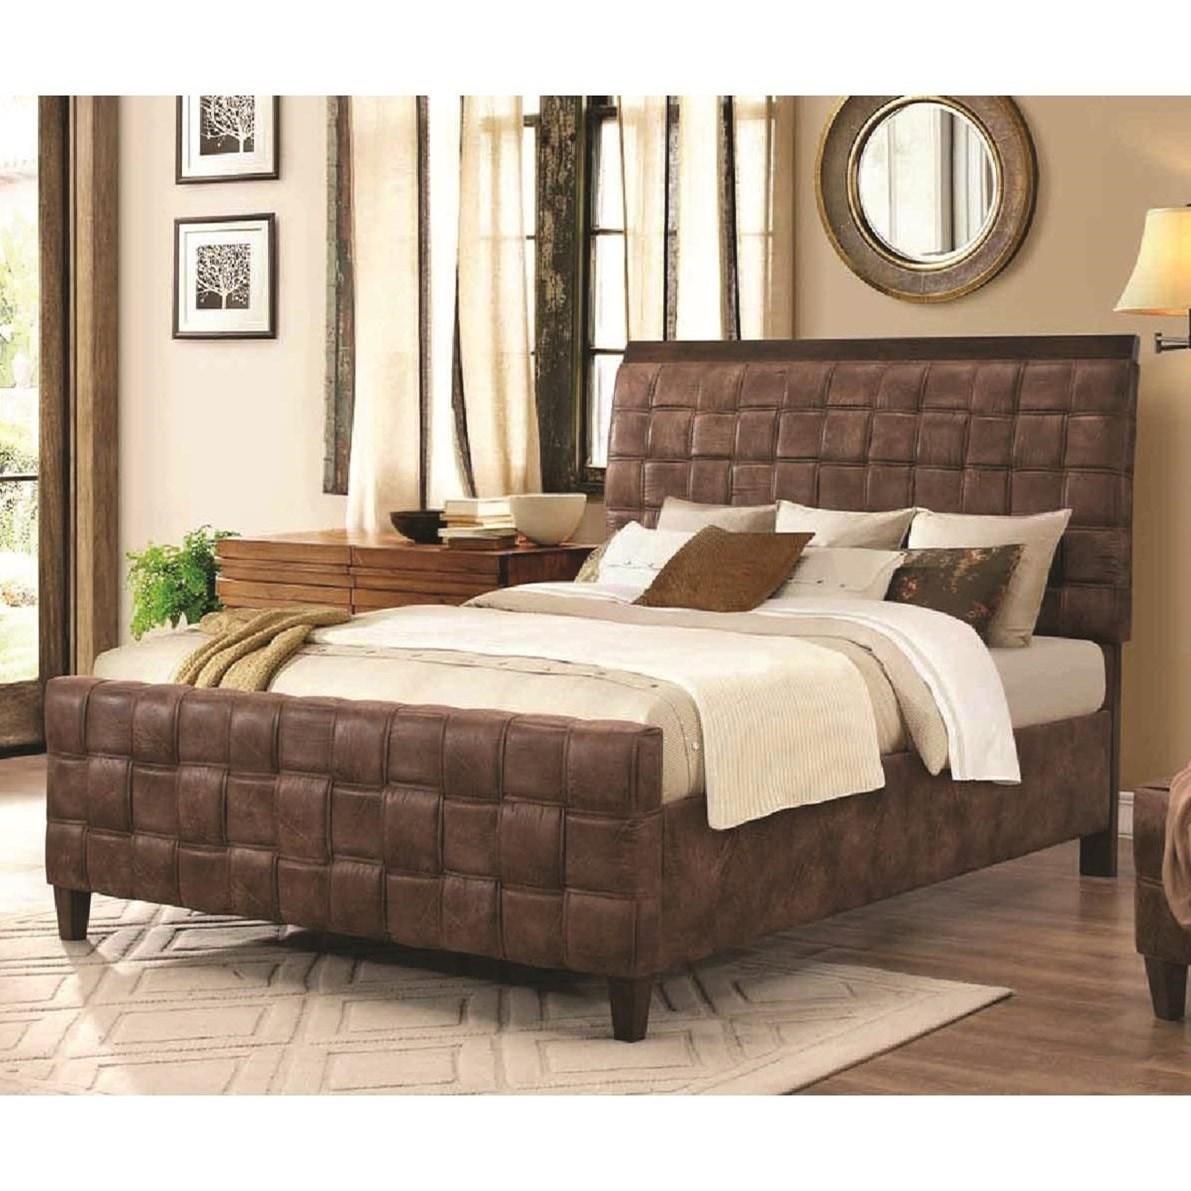 Gentil Coaster GallagherQueen Bed